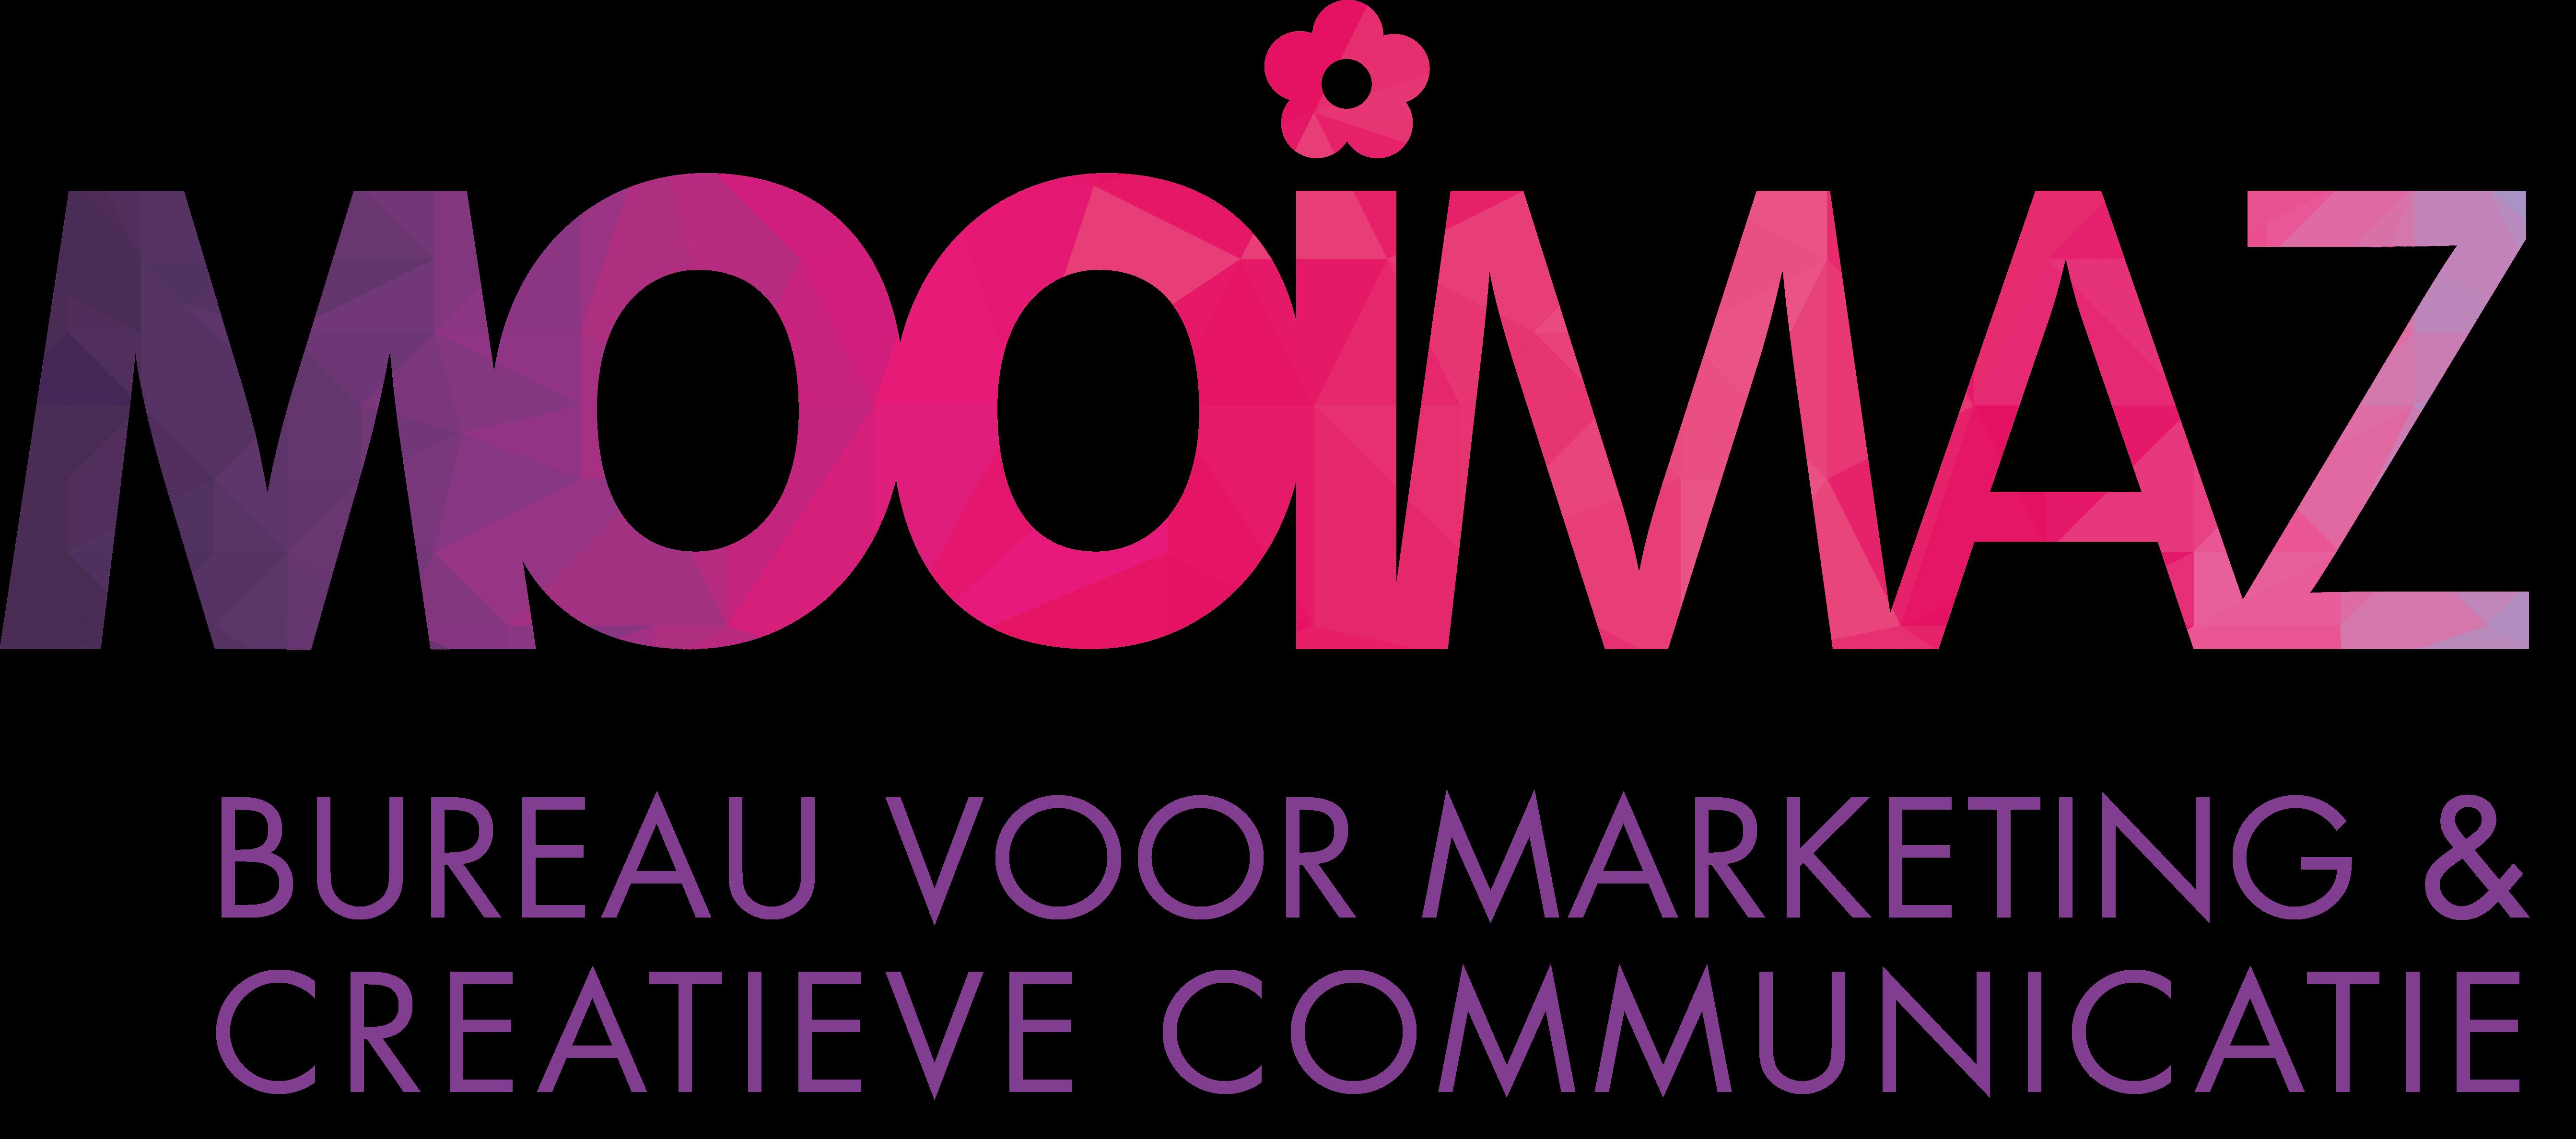 MOOIMAZ | Bureau voor marketing & creatieve communicatie